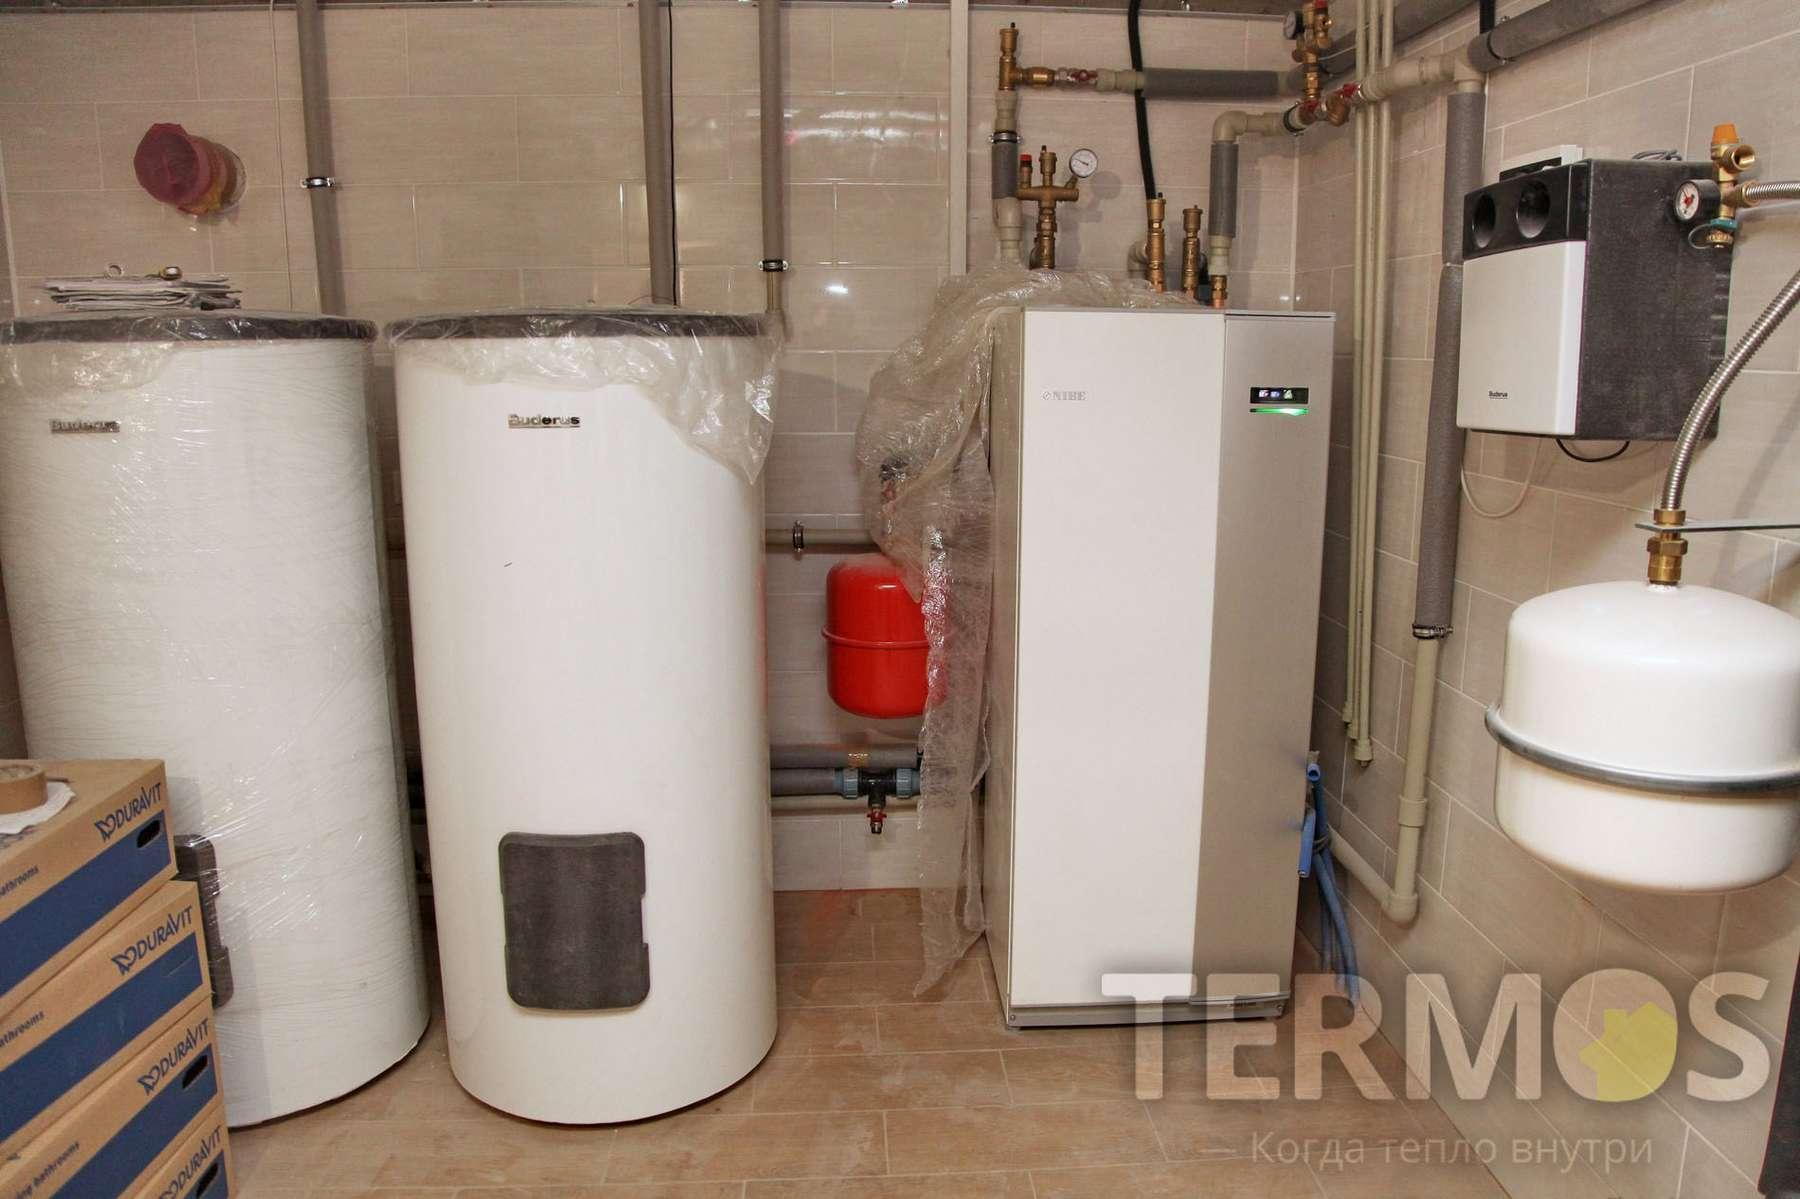 Приготовление горячей воды обеспечивают гелиосистема с догревом от теплового насоса